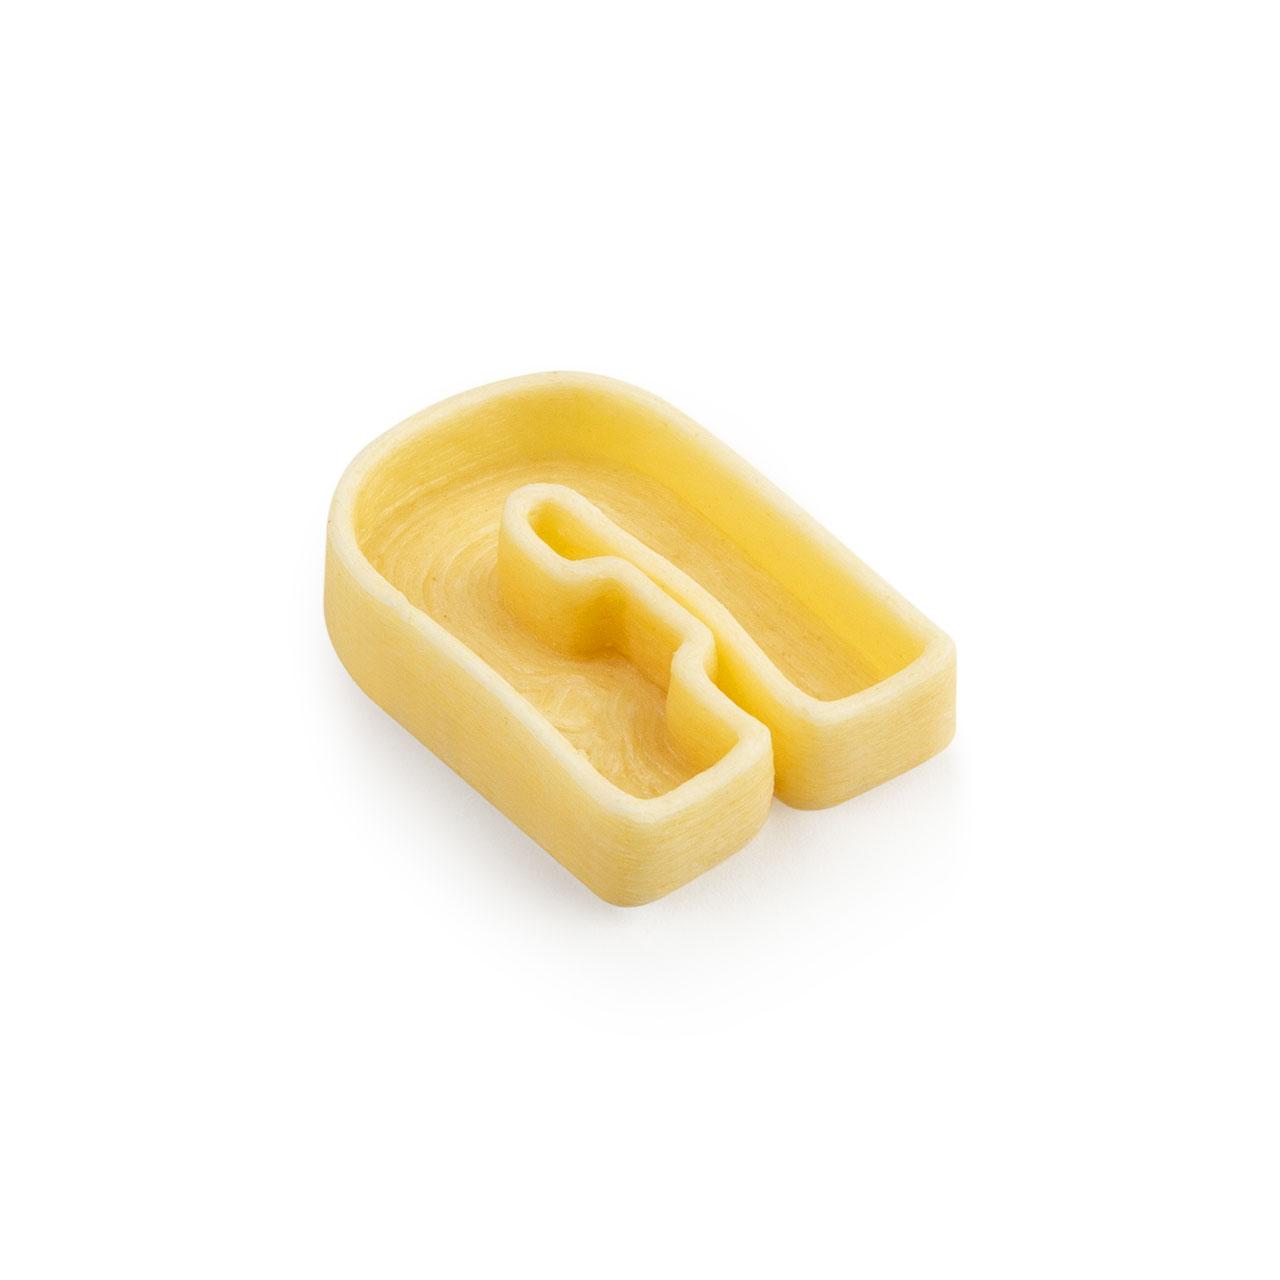 Lettere A di pasta